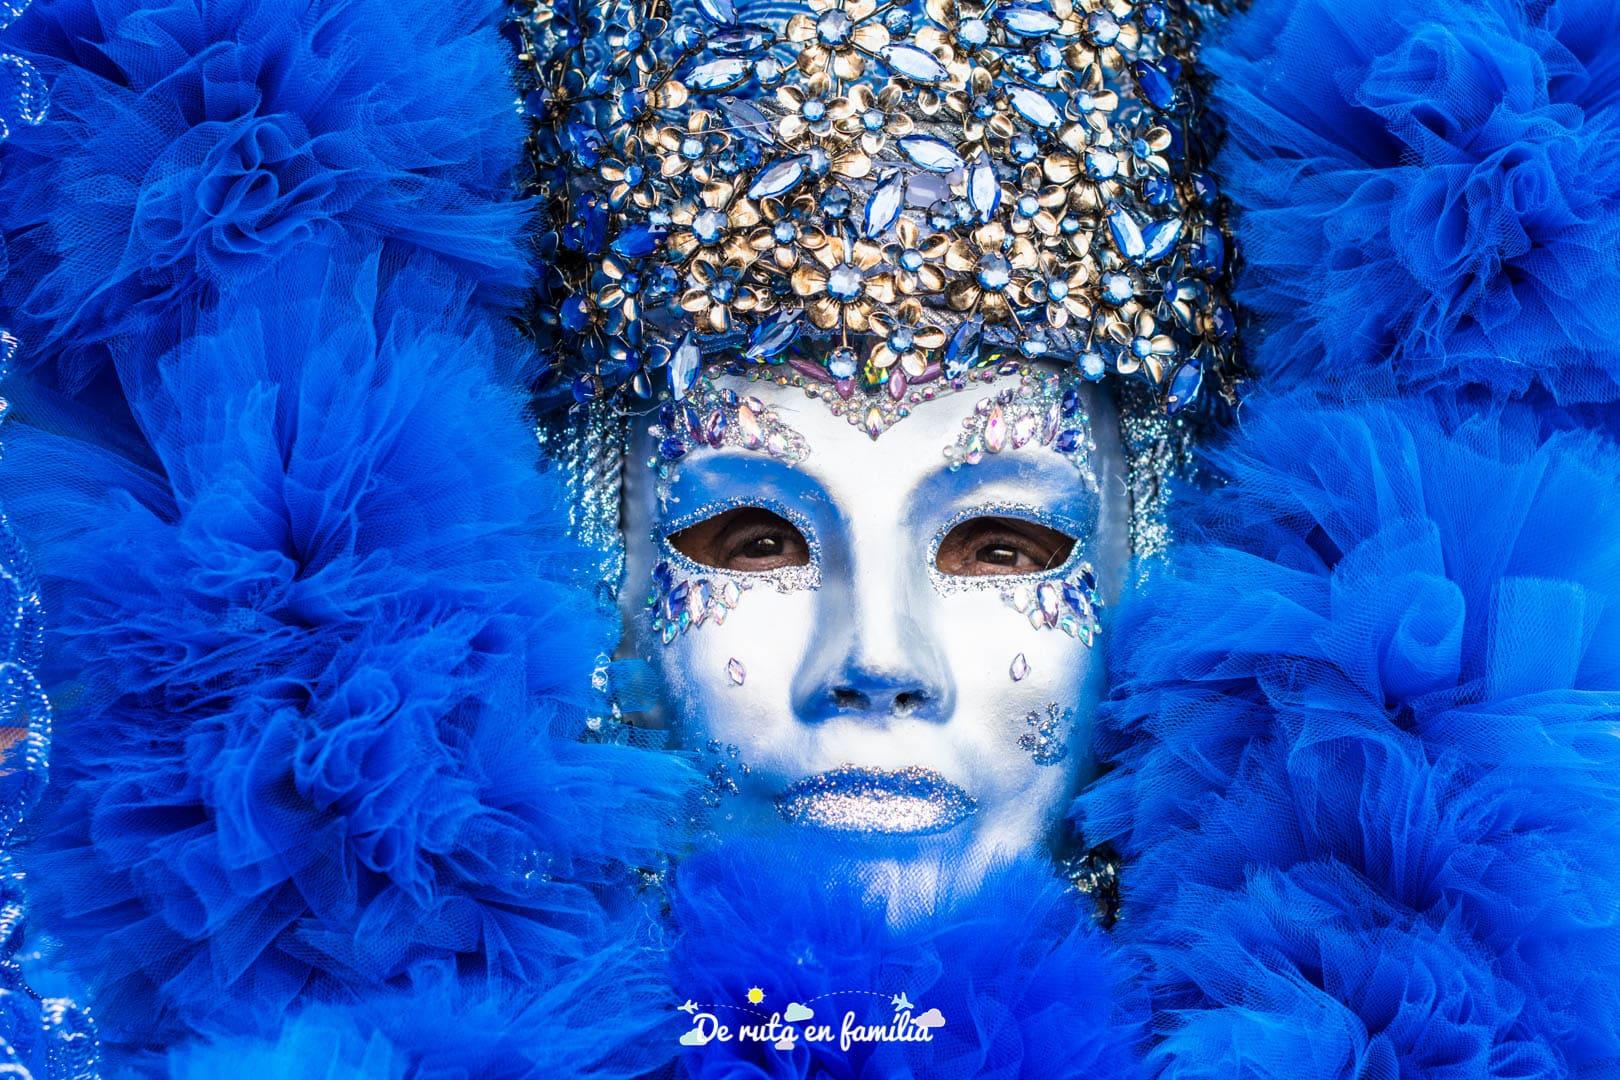 dates del carnaval de venecia